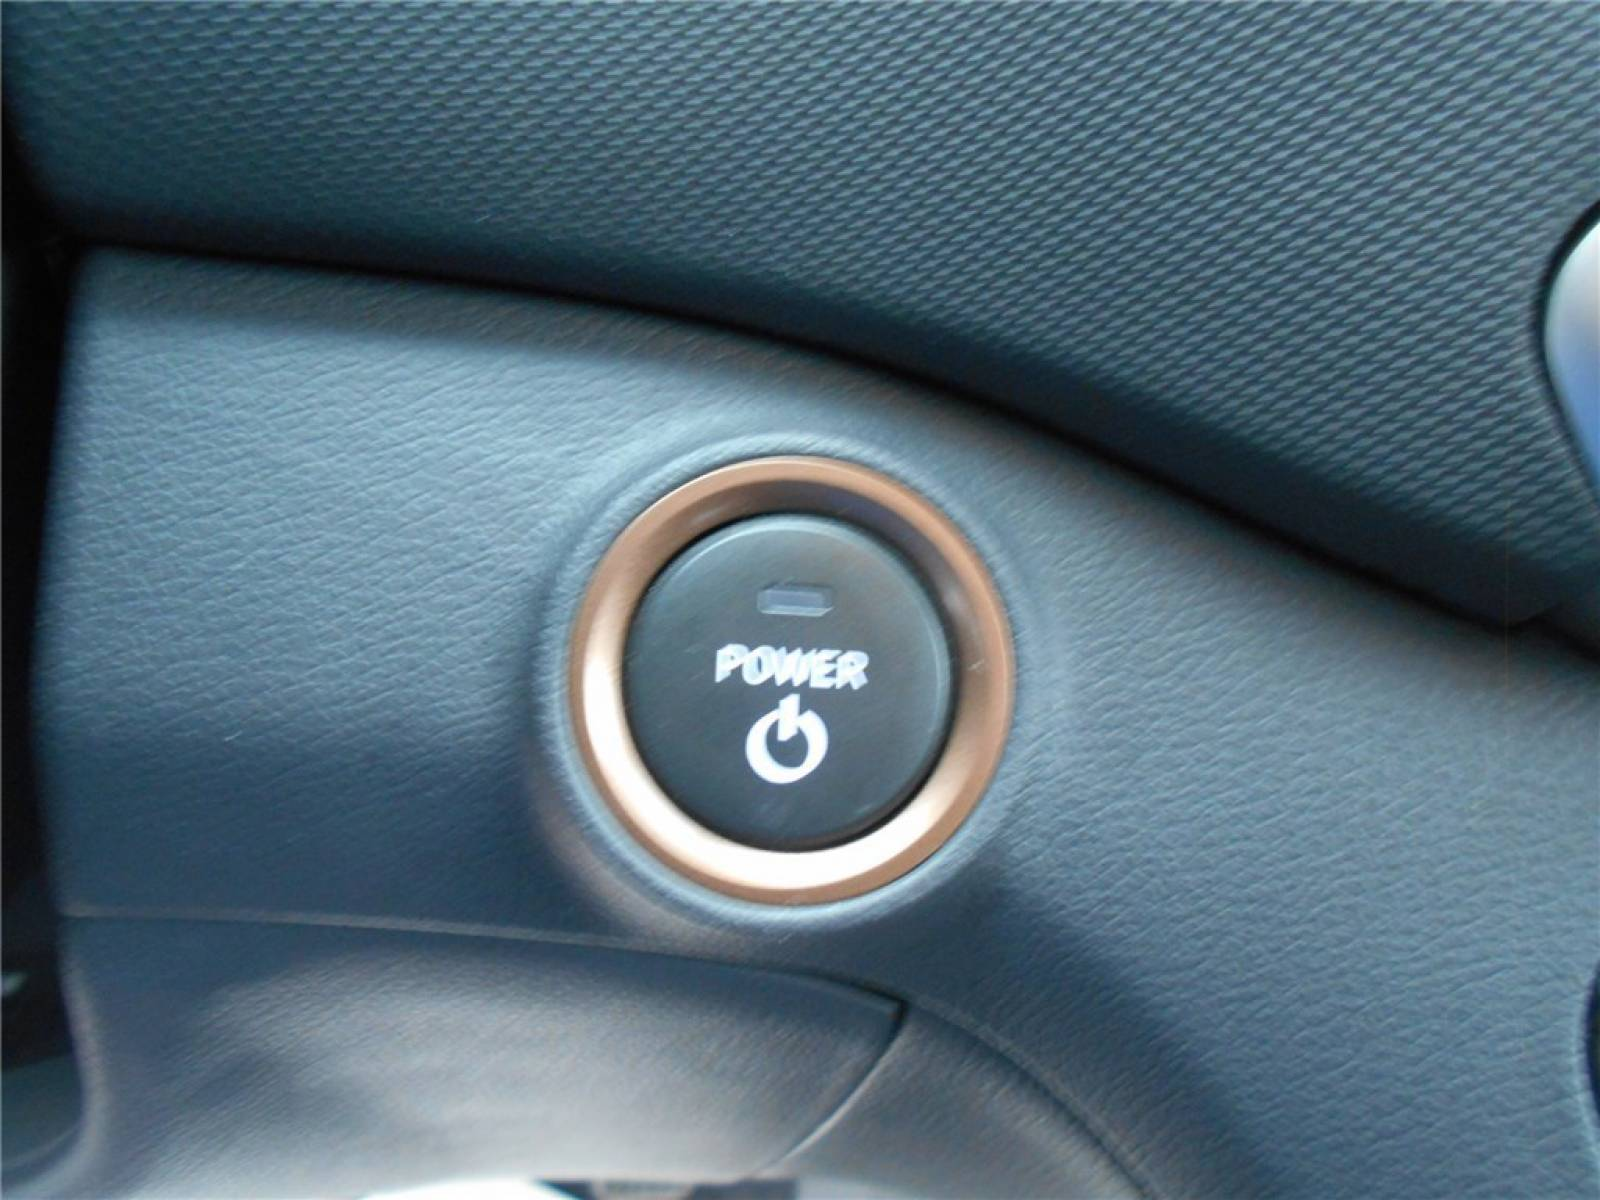 HYUNDAI Ioniq Electric 120 ch - véhicule d'occasion - Groupe Guillet - Chalon Automobiles - 71100 - Chalon-sur-Saône - 25